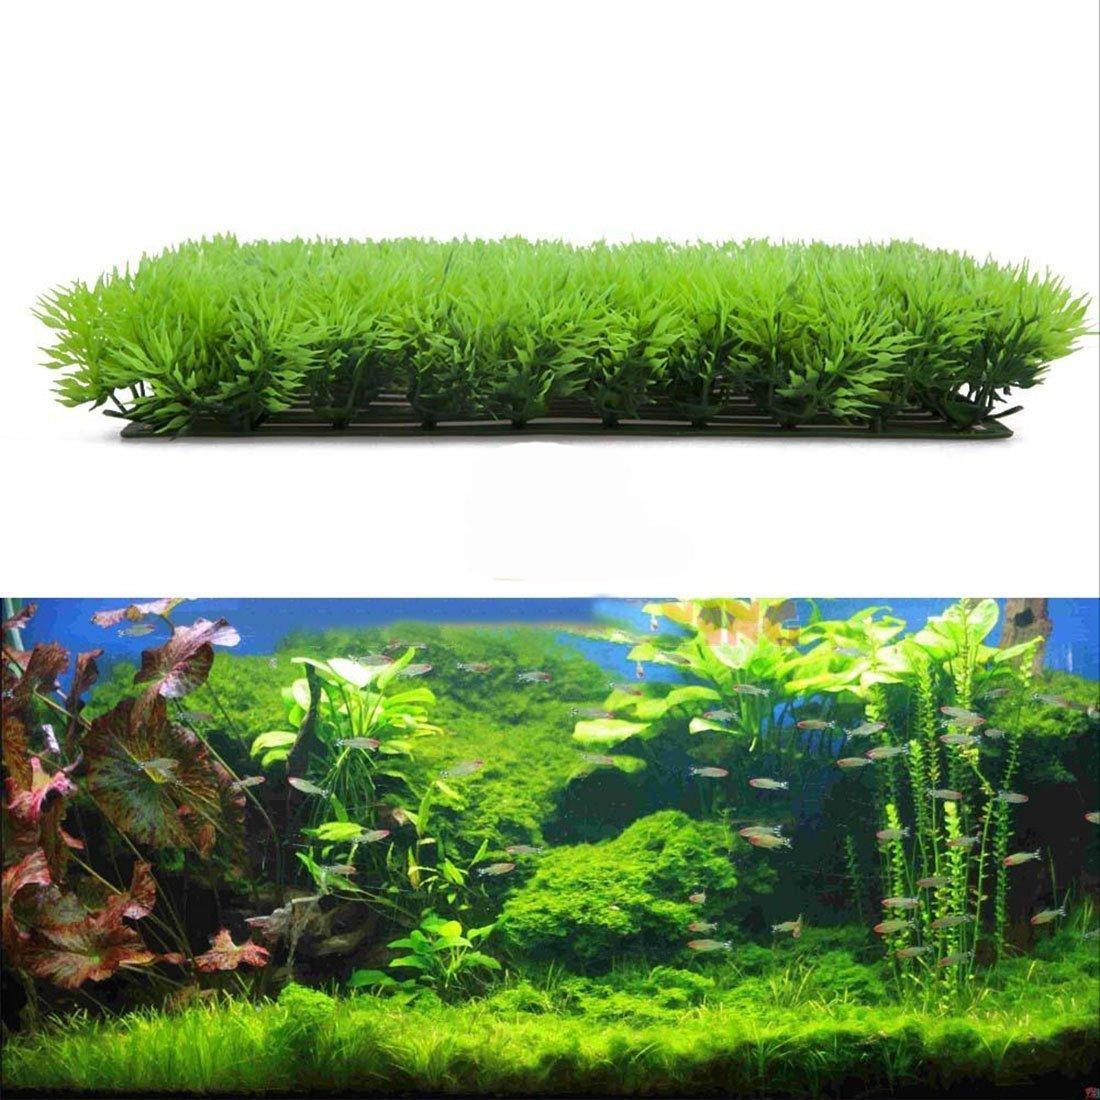 25*25*5cm Ornement Pelouse artificielle en plastique pour Aquarium Fish Tank décor Luwu-Store 6806366